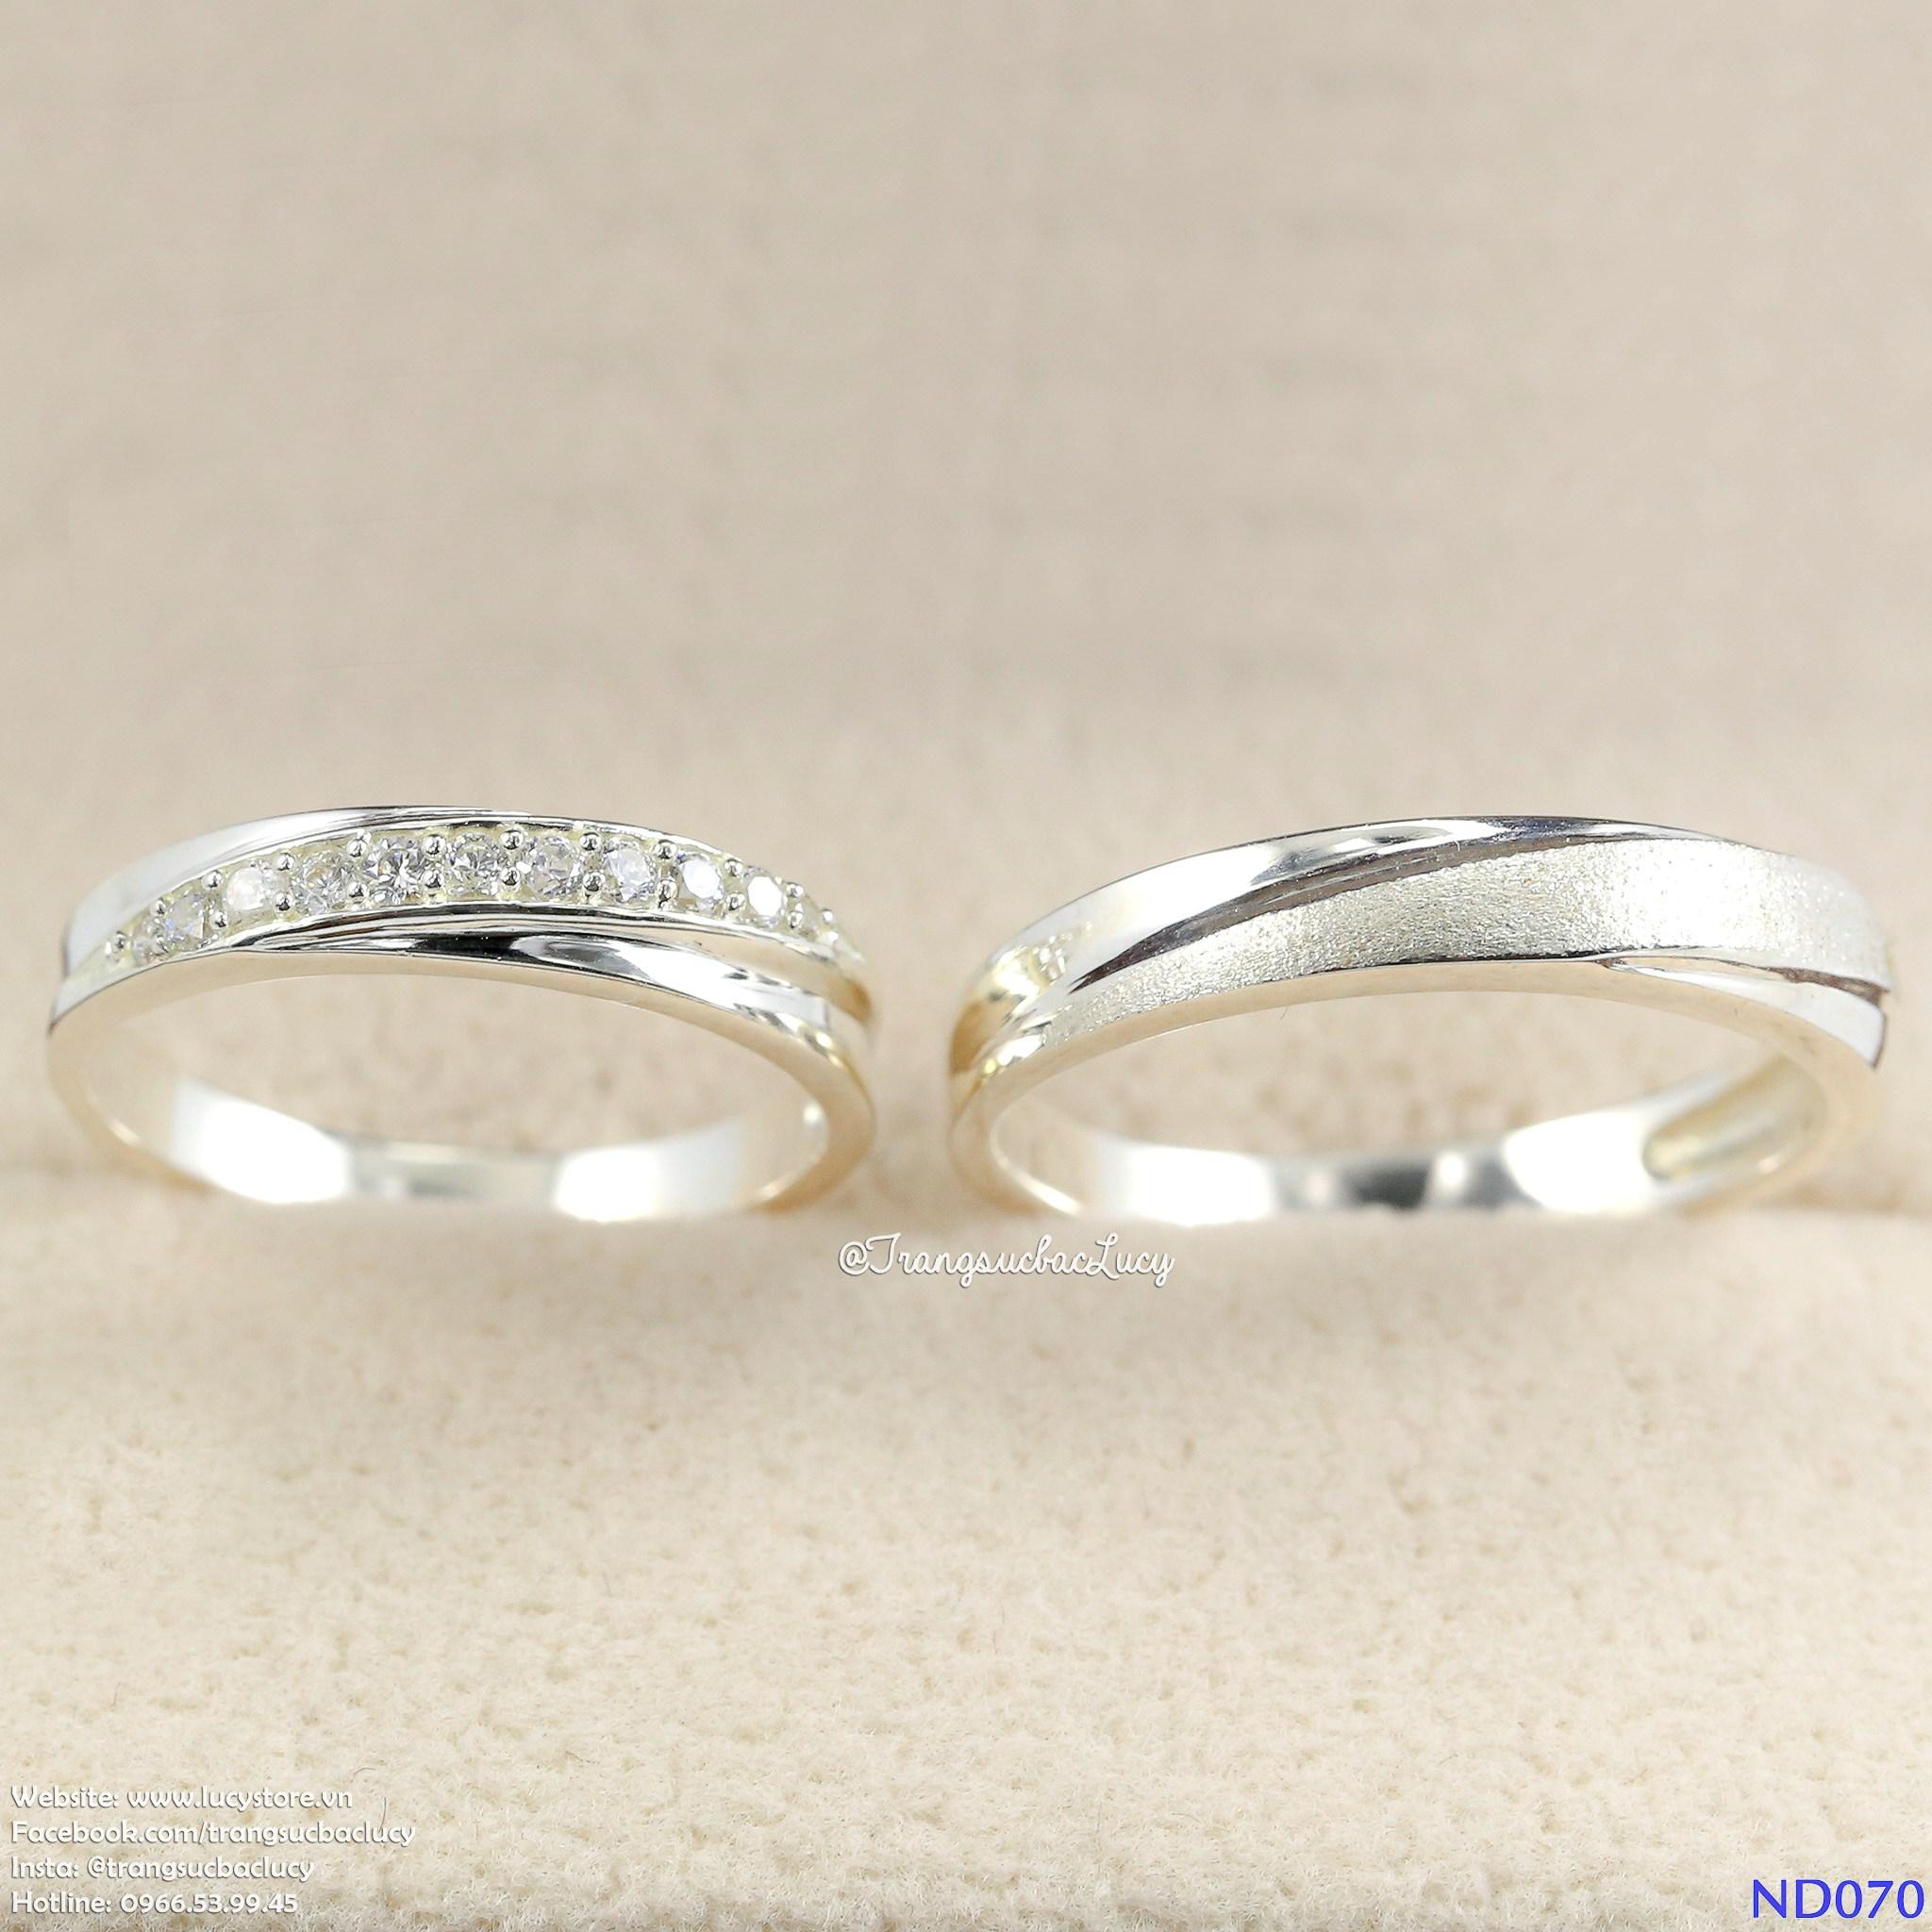 ND070 Nhẫn đôi bạc - Nhẫn cặp bạc - Nhẫn couple bạc đẹp Lucy Jewelry